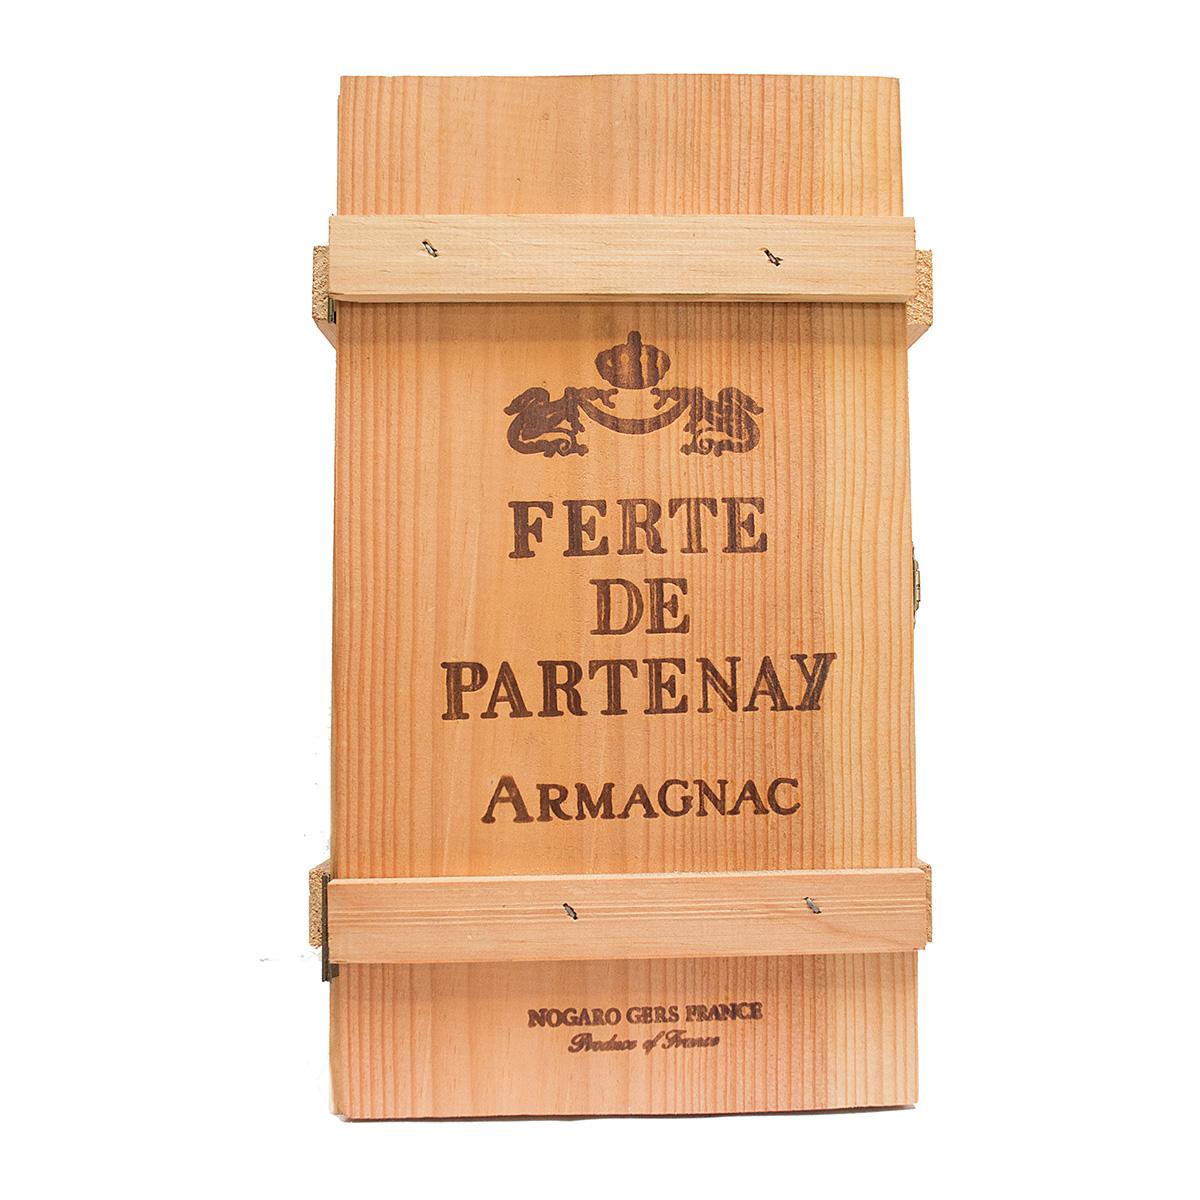 Armagnac Ferte de Partenay 1931 Original